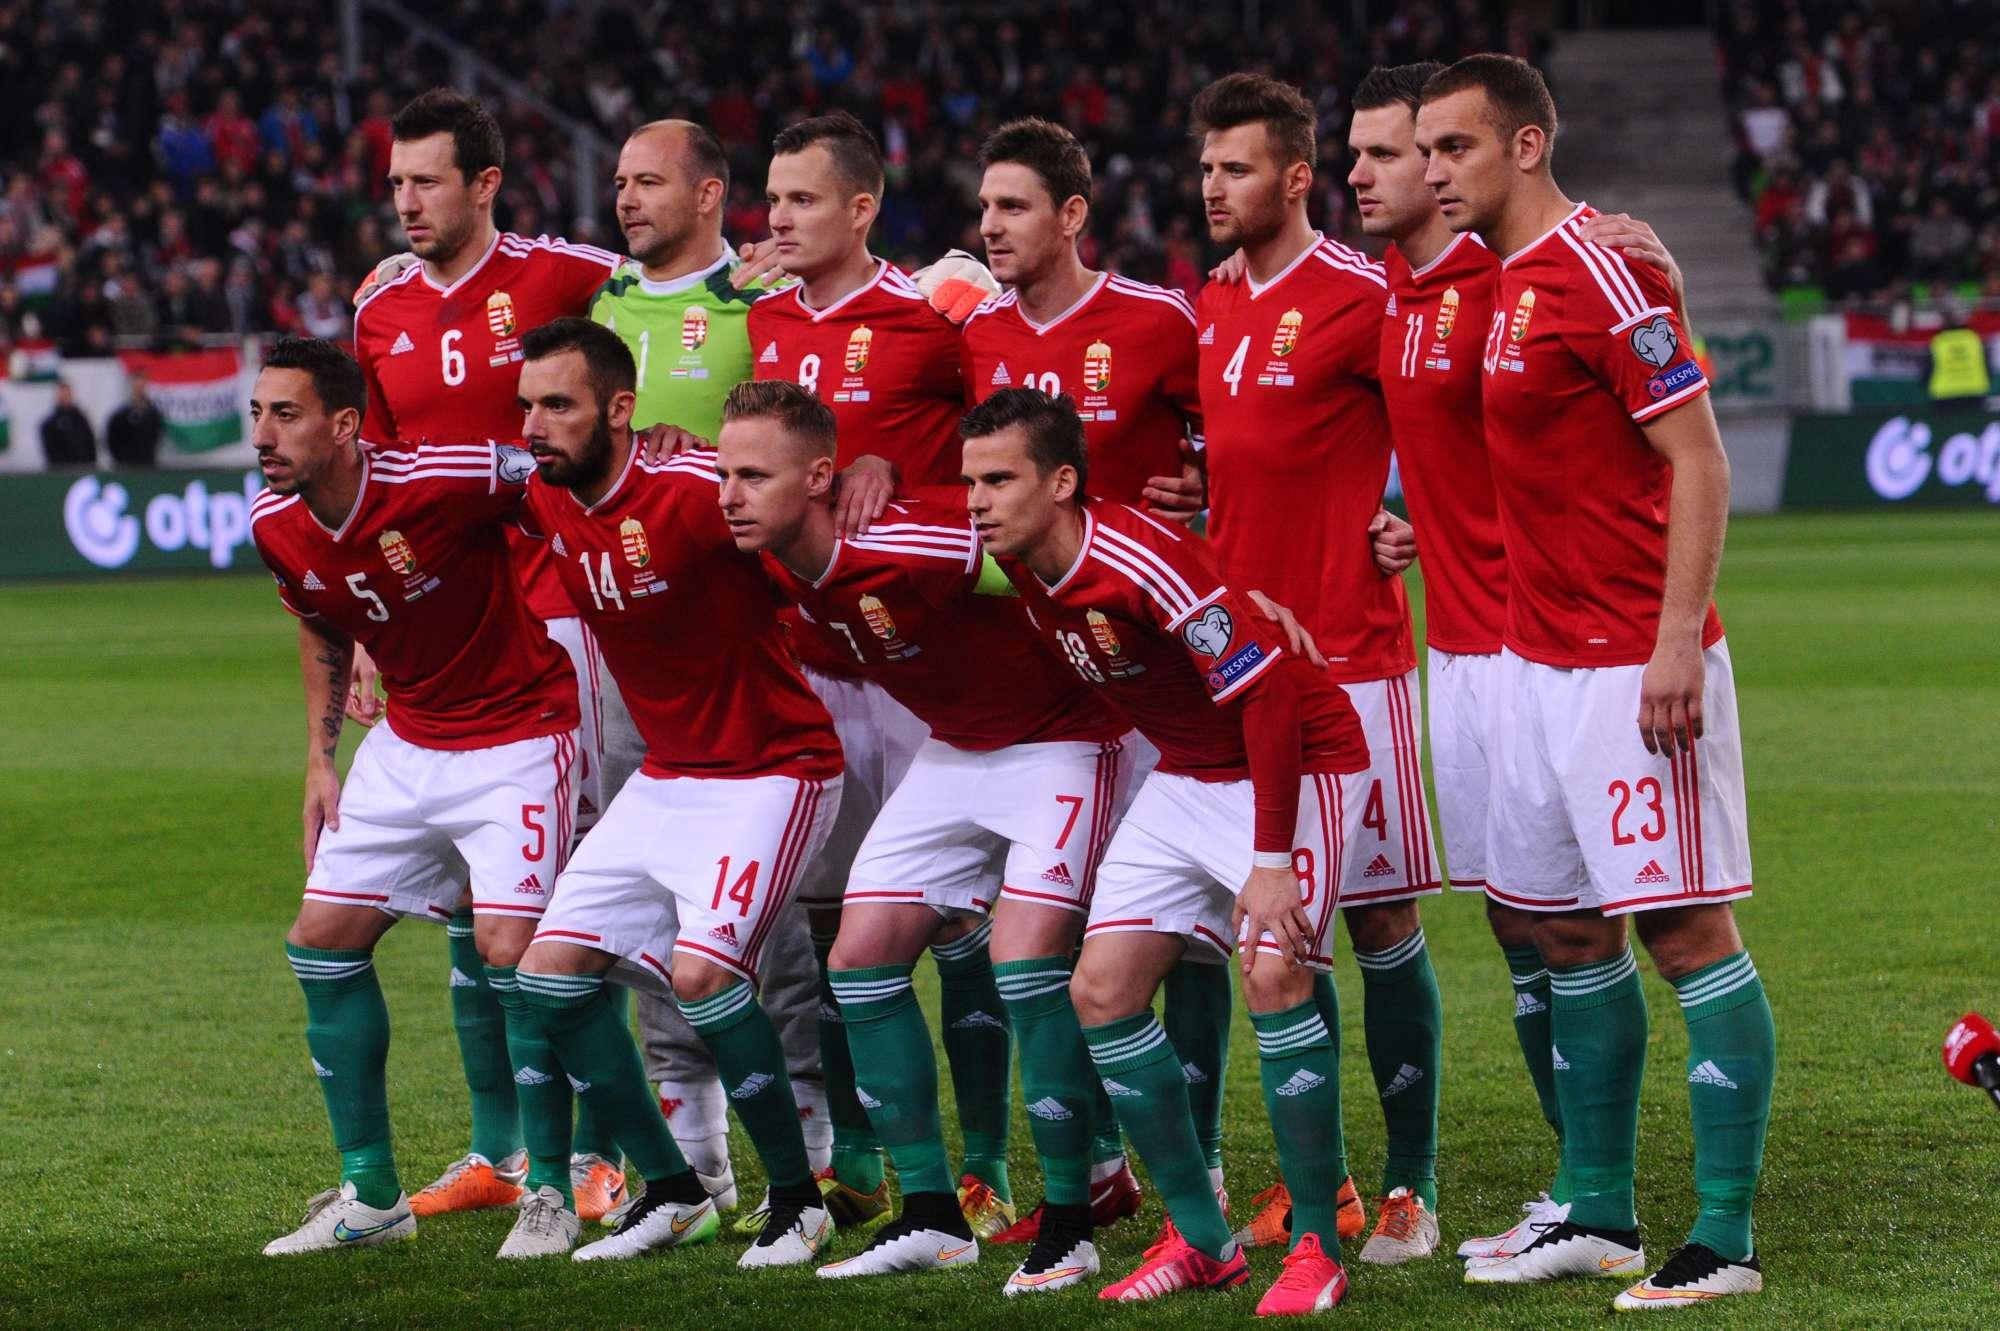 La formazione dell'Ungheria, rivelazione di queste qualificazioni